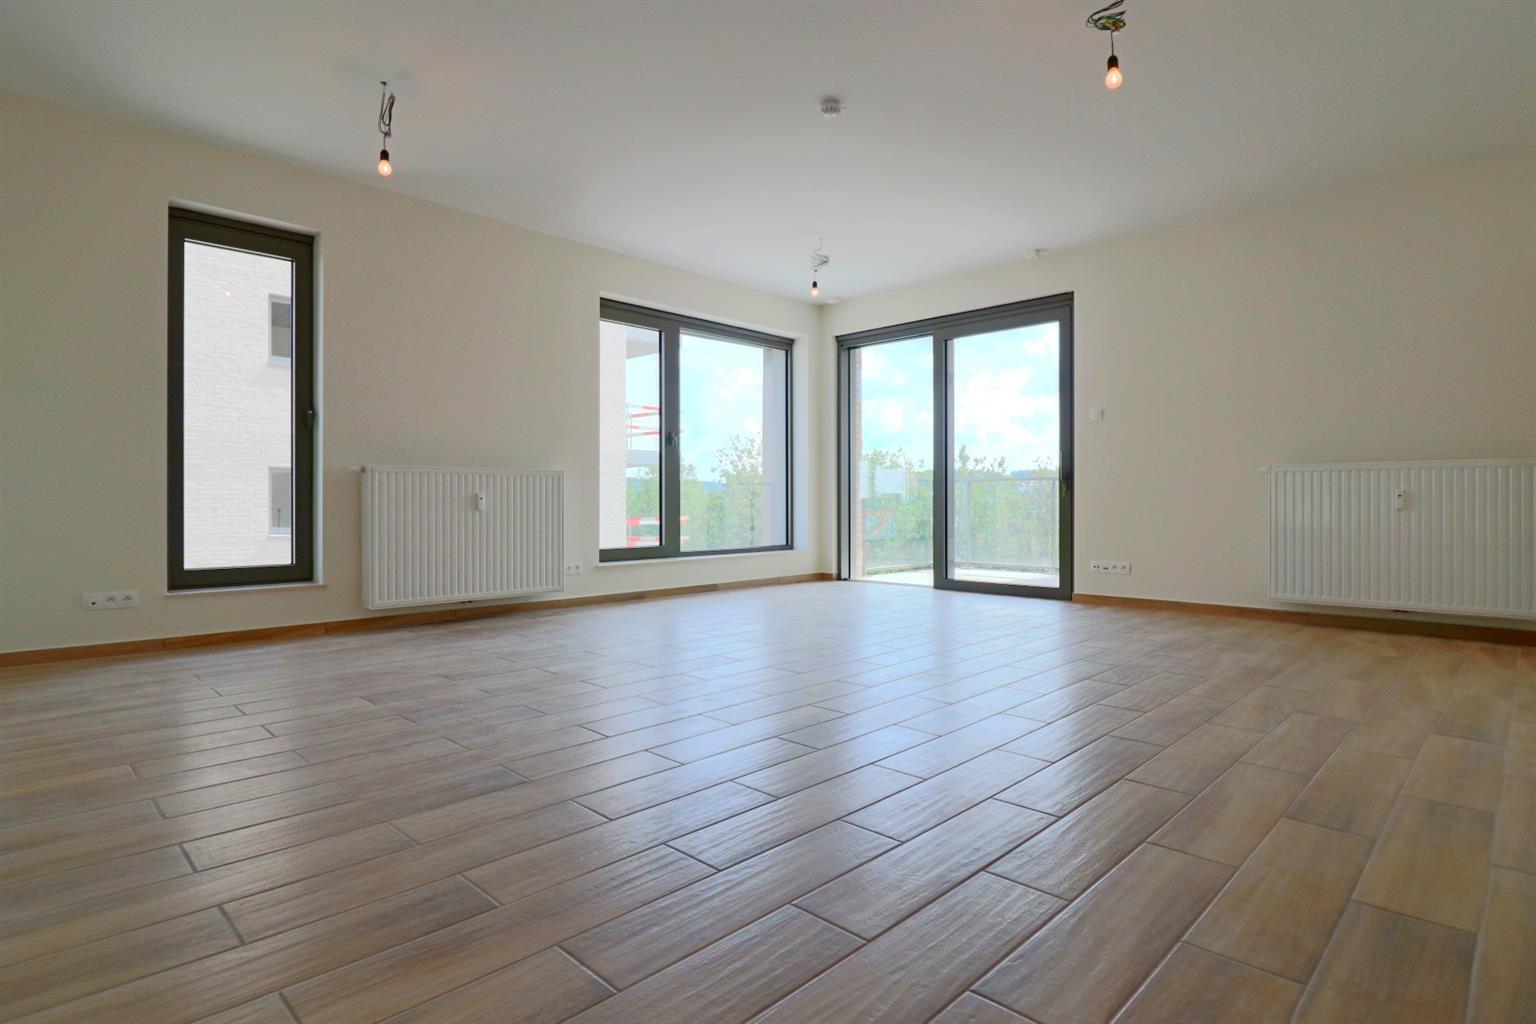 Appartement - Ottignies-Louvain-la-Neuve - #4406827-1